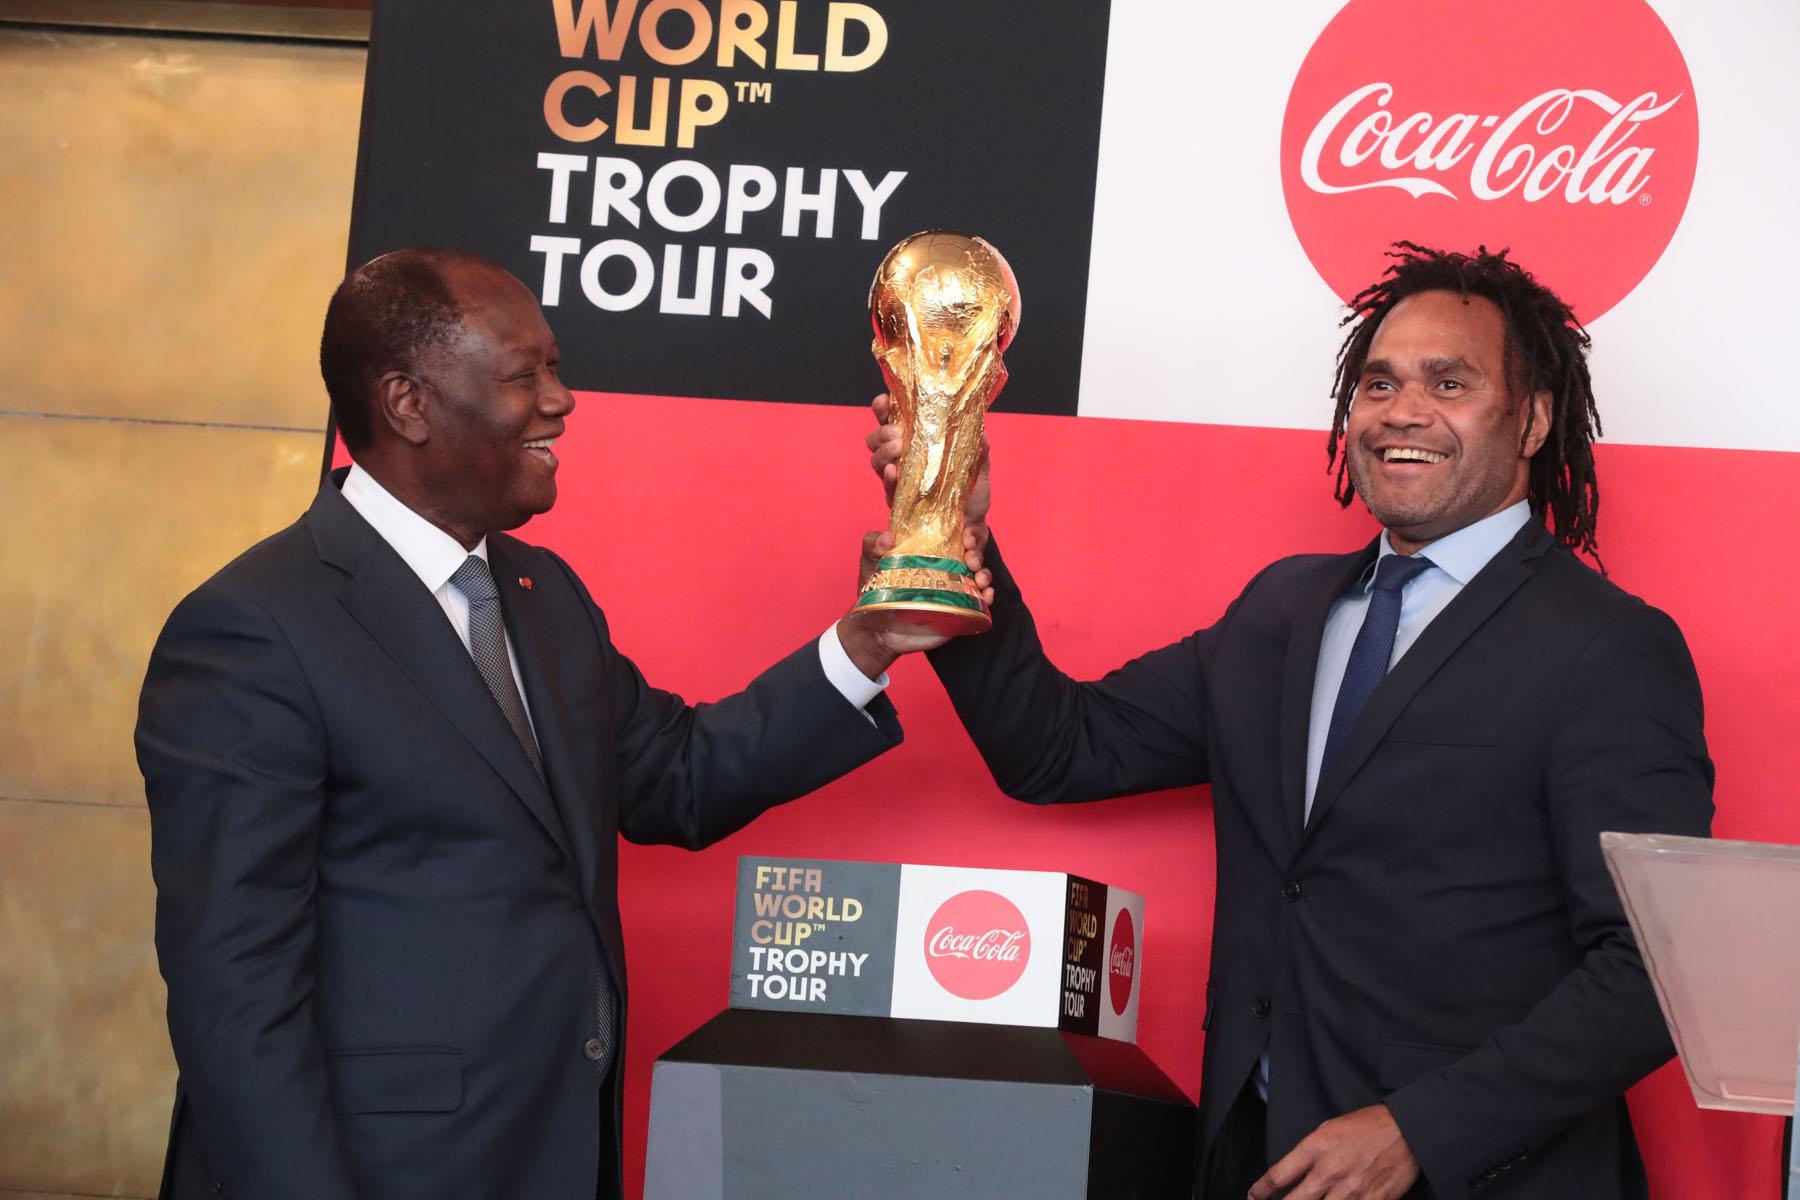 Le Chef de l'Etat a pris part à la cérémonie de présentation officielle du Trophée de la Coupe du monde de football